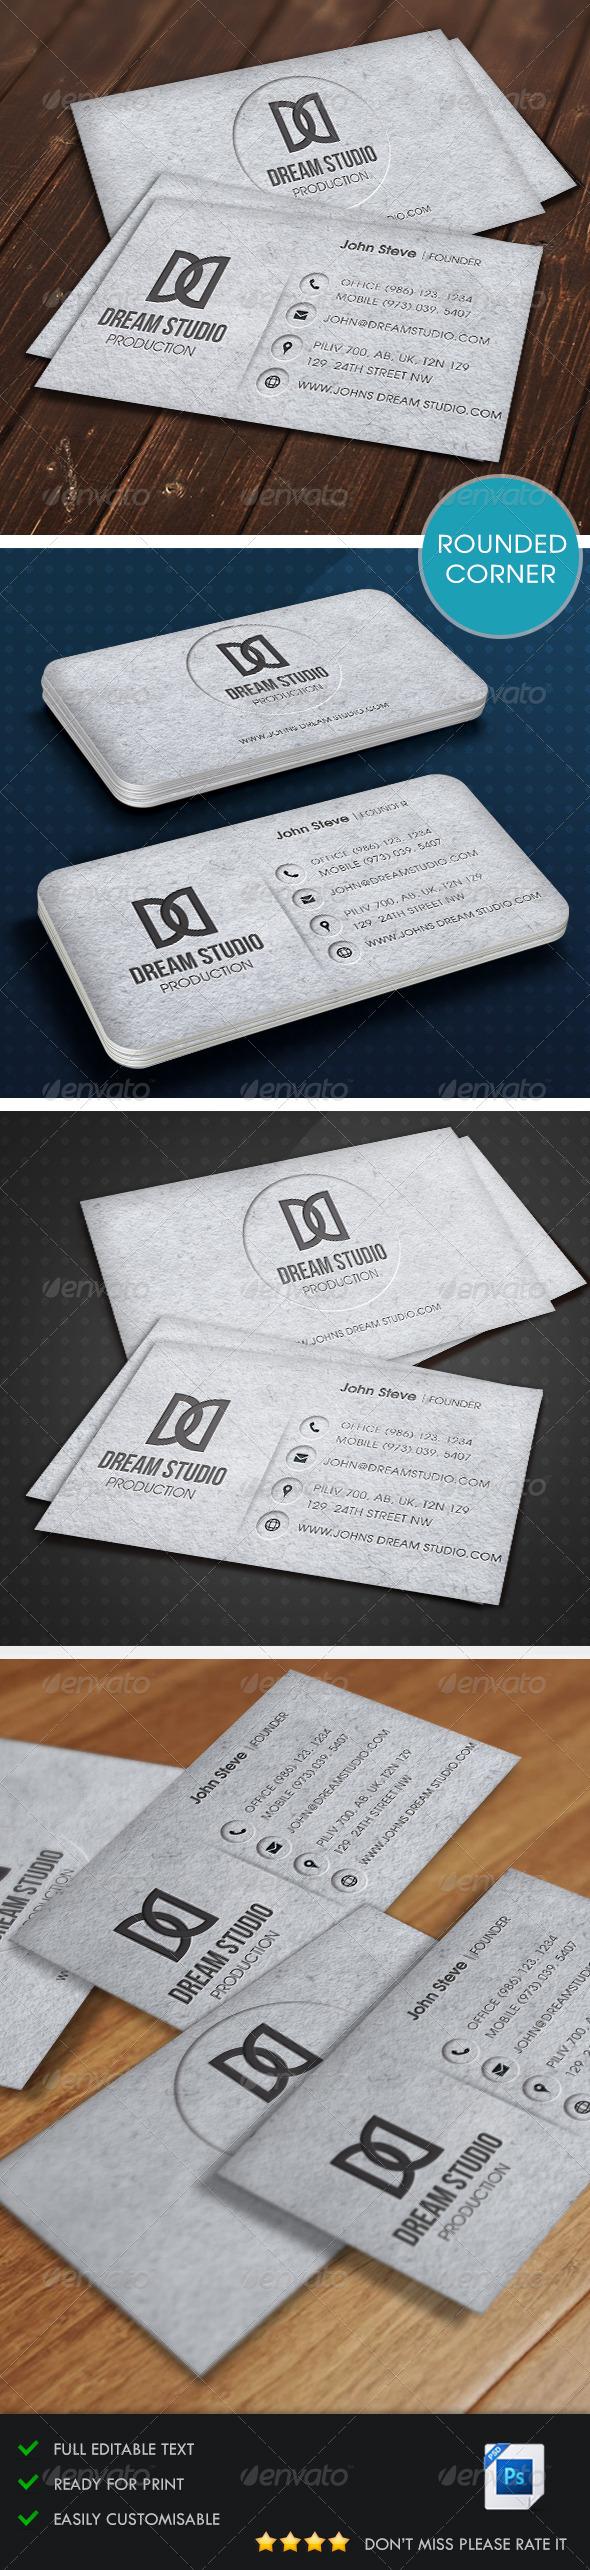 GraphicRiver Creative Business Card v3 5487493